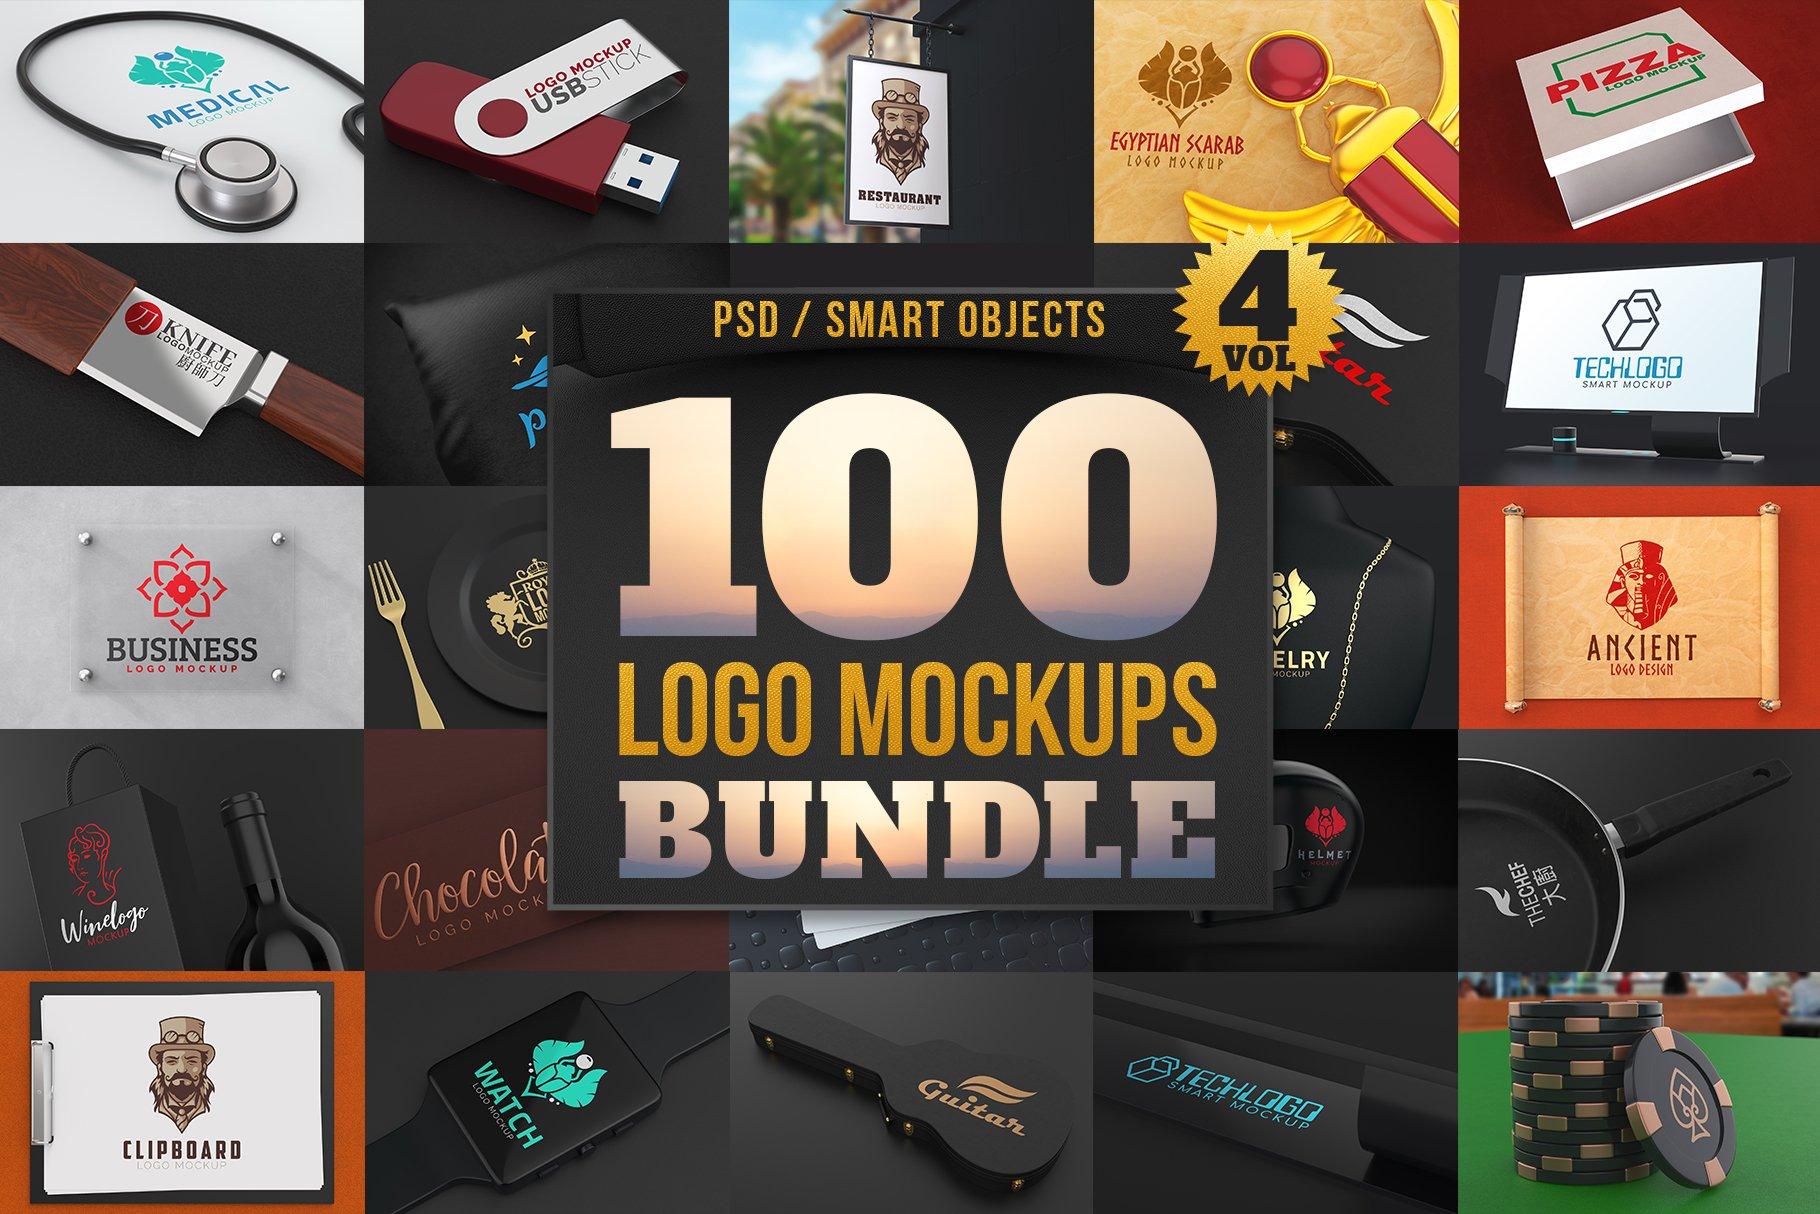 100款品牌标志LOGO徽标设计展示样机模板合集 100 Logo Mockups Bundle Vol.4插图